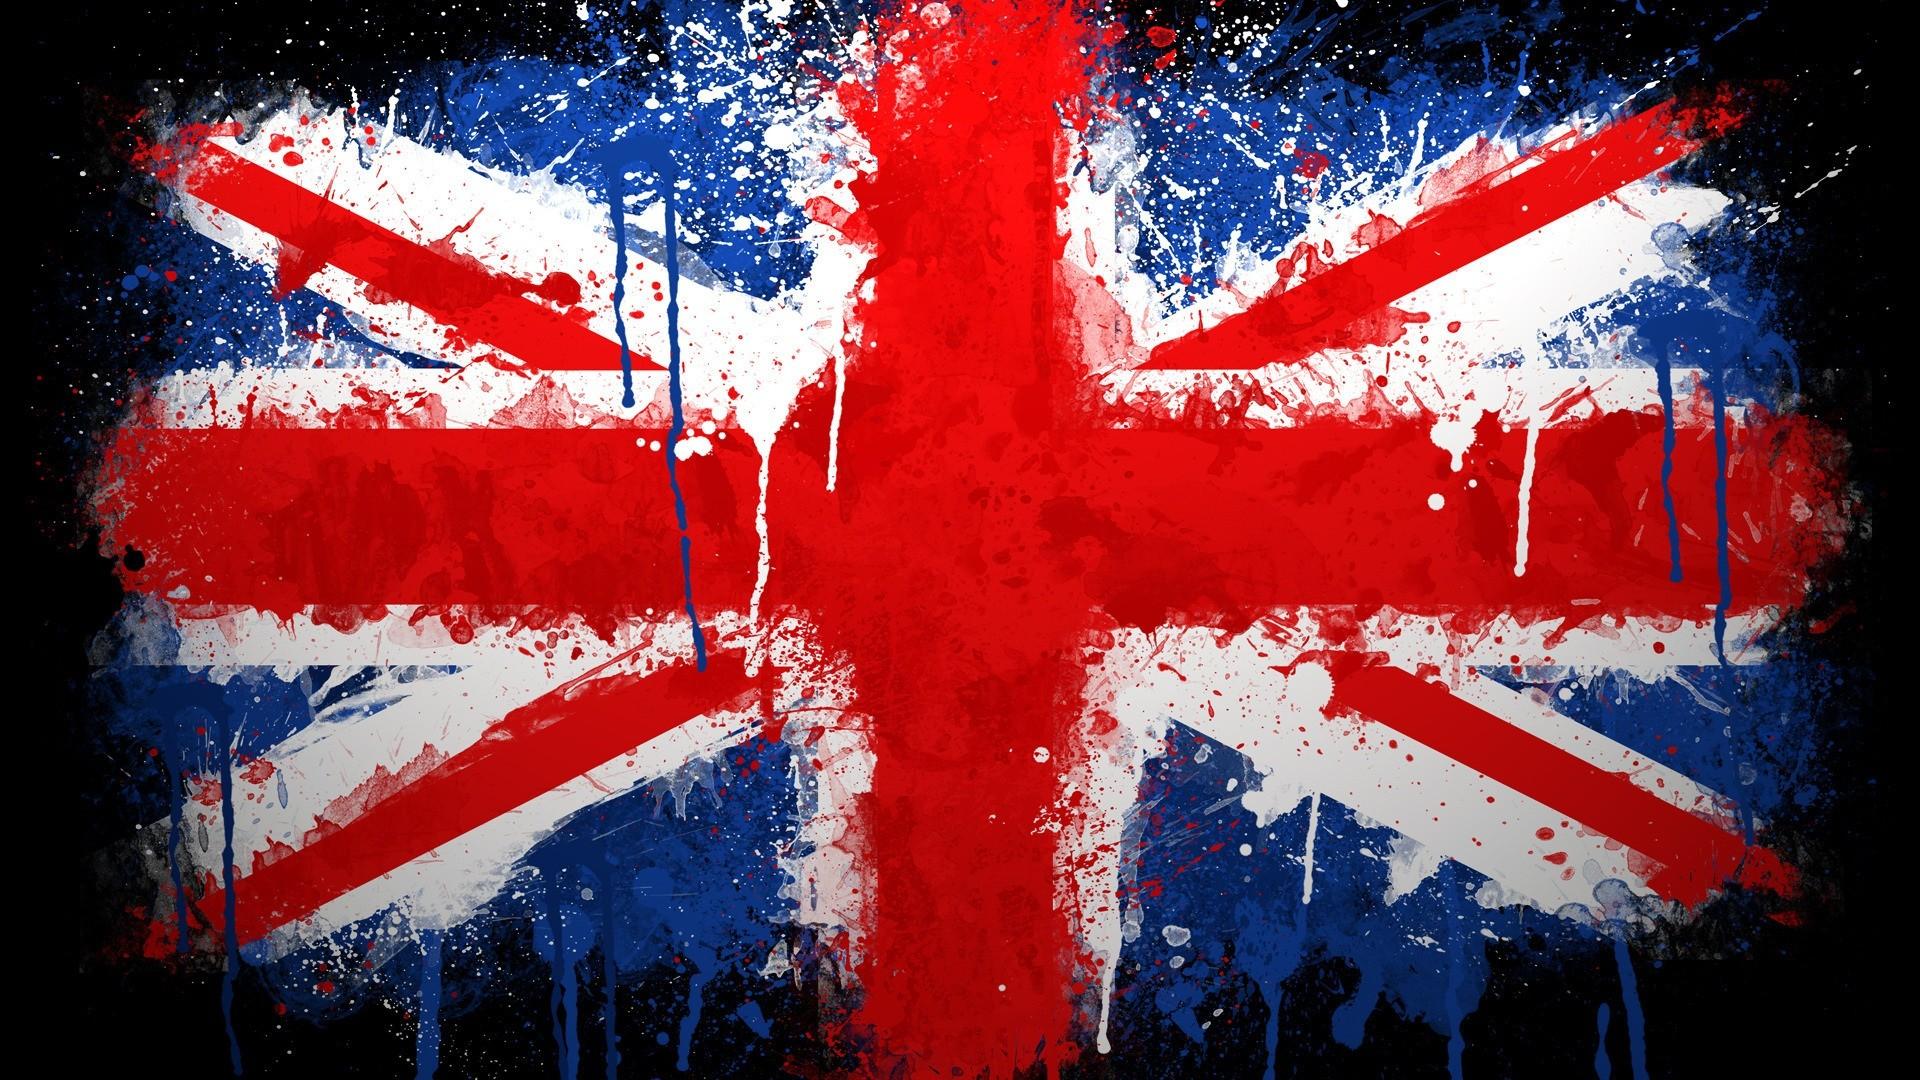 UK Great Britain Flag Wallpaper 1920x1080